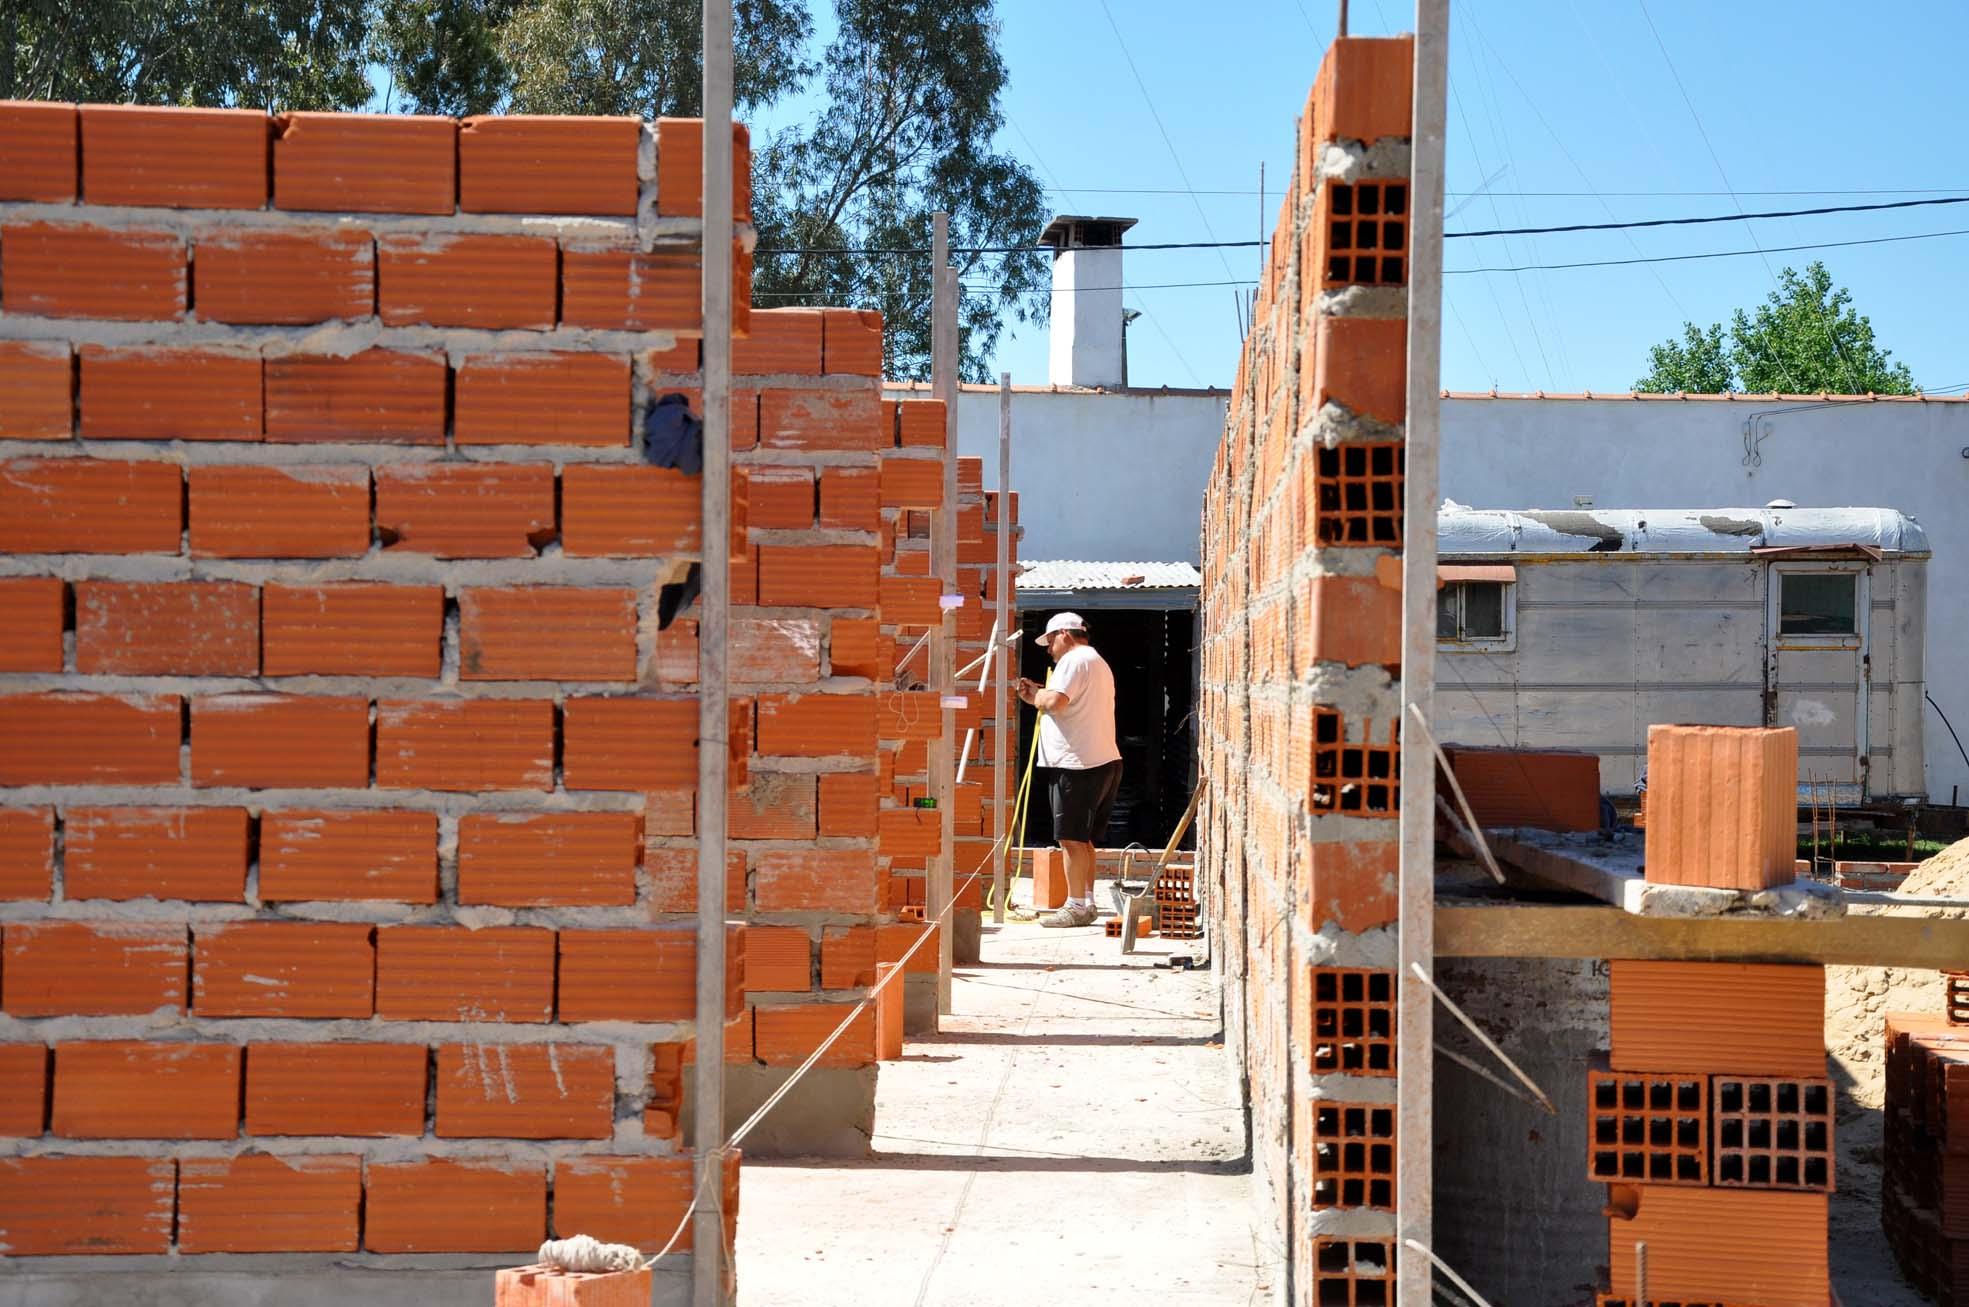 Construcci n de la casa de la historia y la cultura for Creador de casas